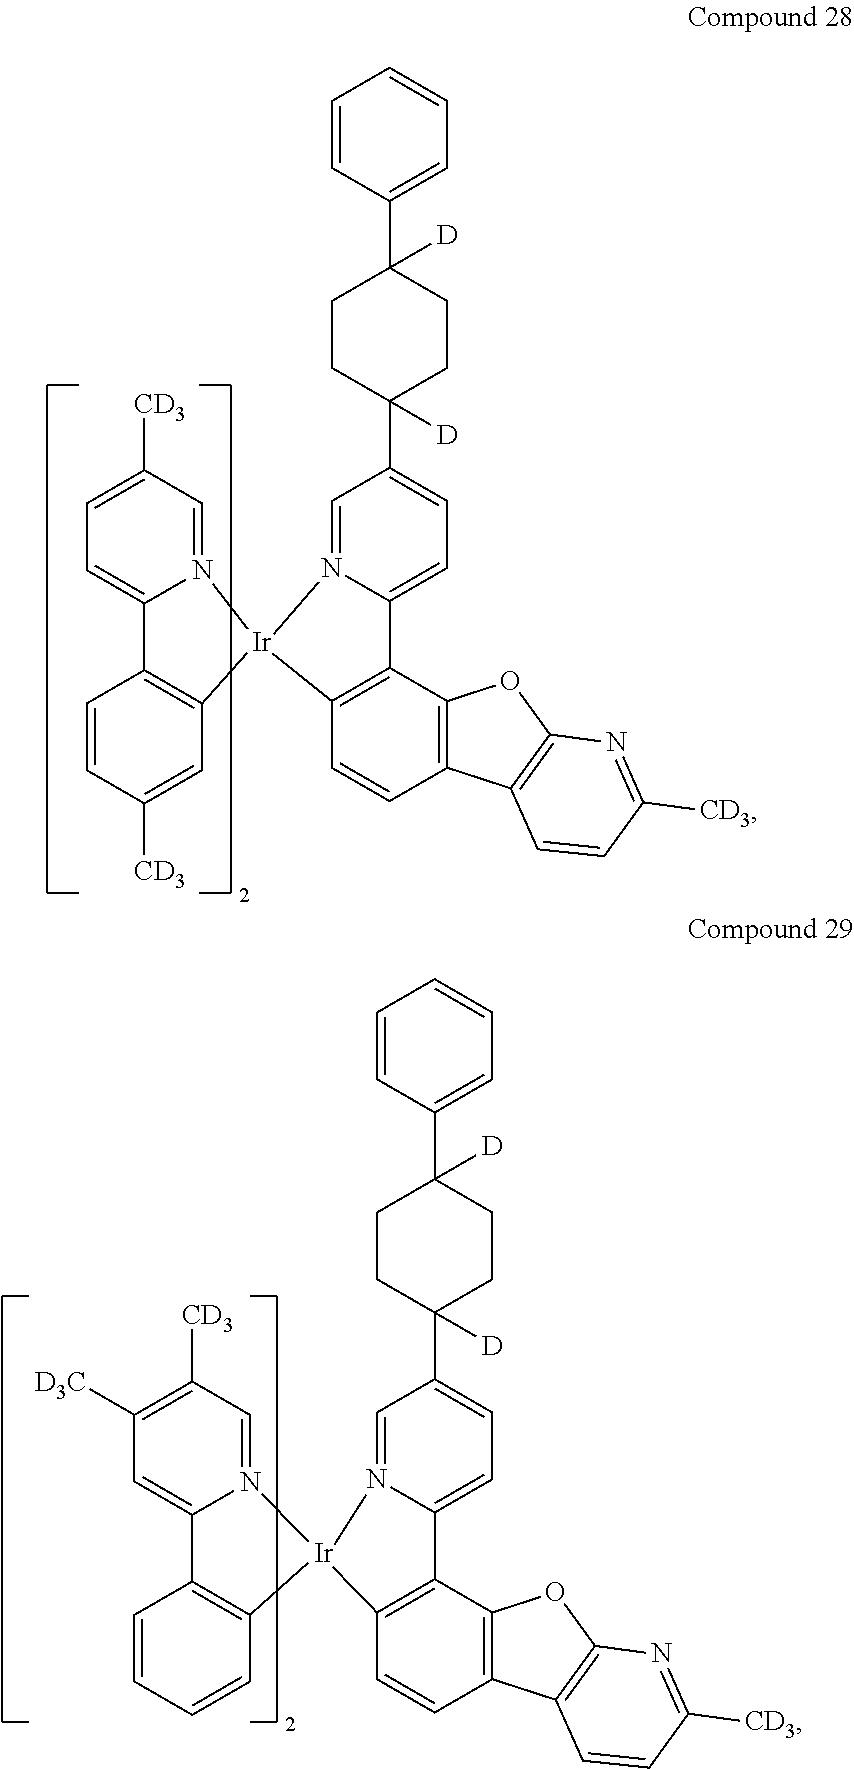 Figure US20180076393A1-20180315-C00030